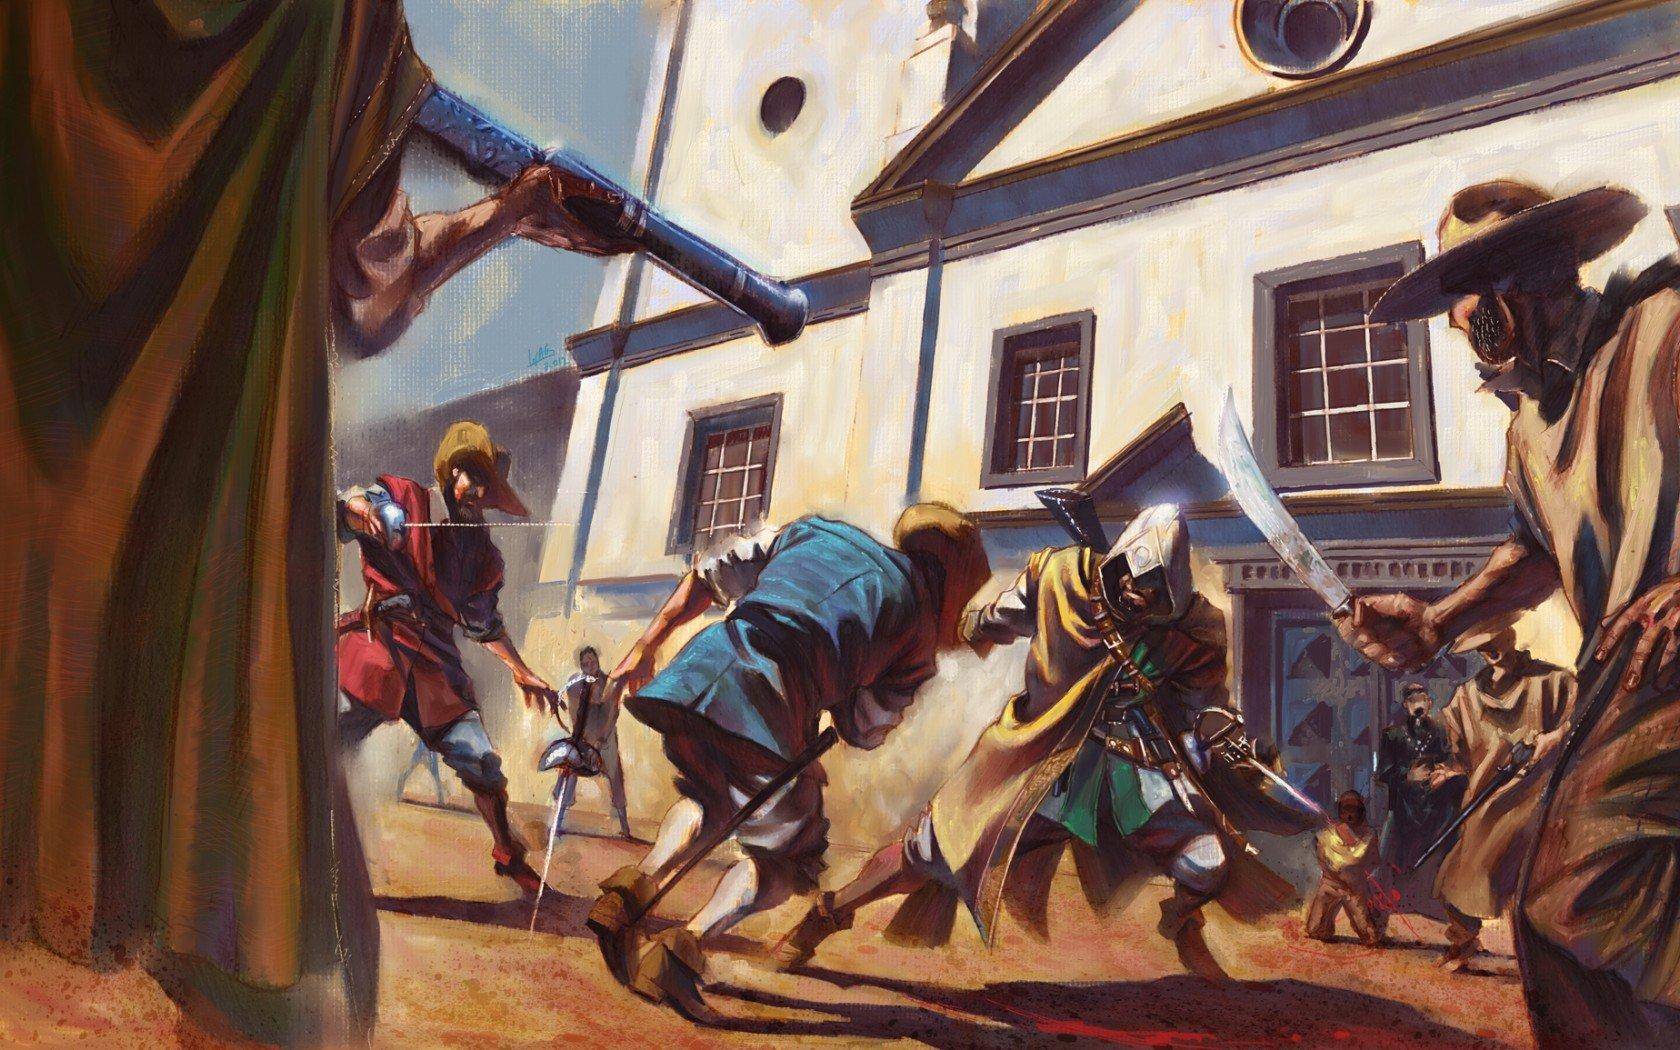 Прошло уже два месяца с выхода Assassin's Creed 3, завершившей историю Дезмонда Майлза – бармена, убийцы и потомка д ... - Изображение 1